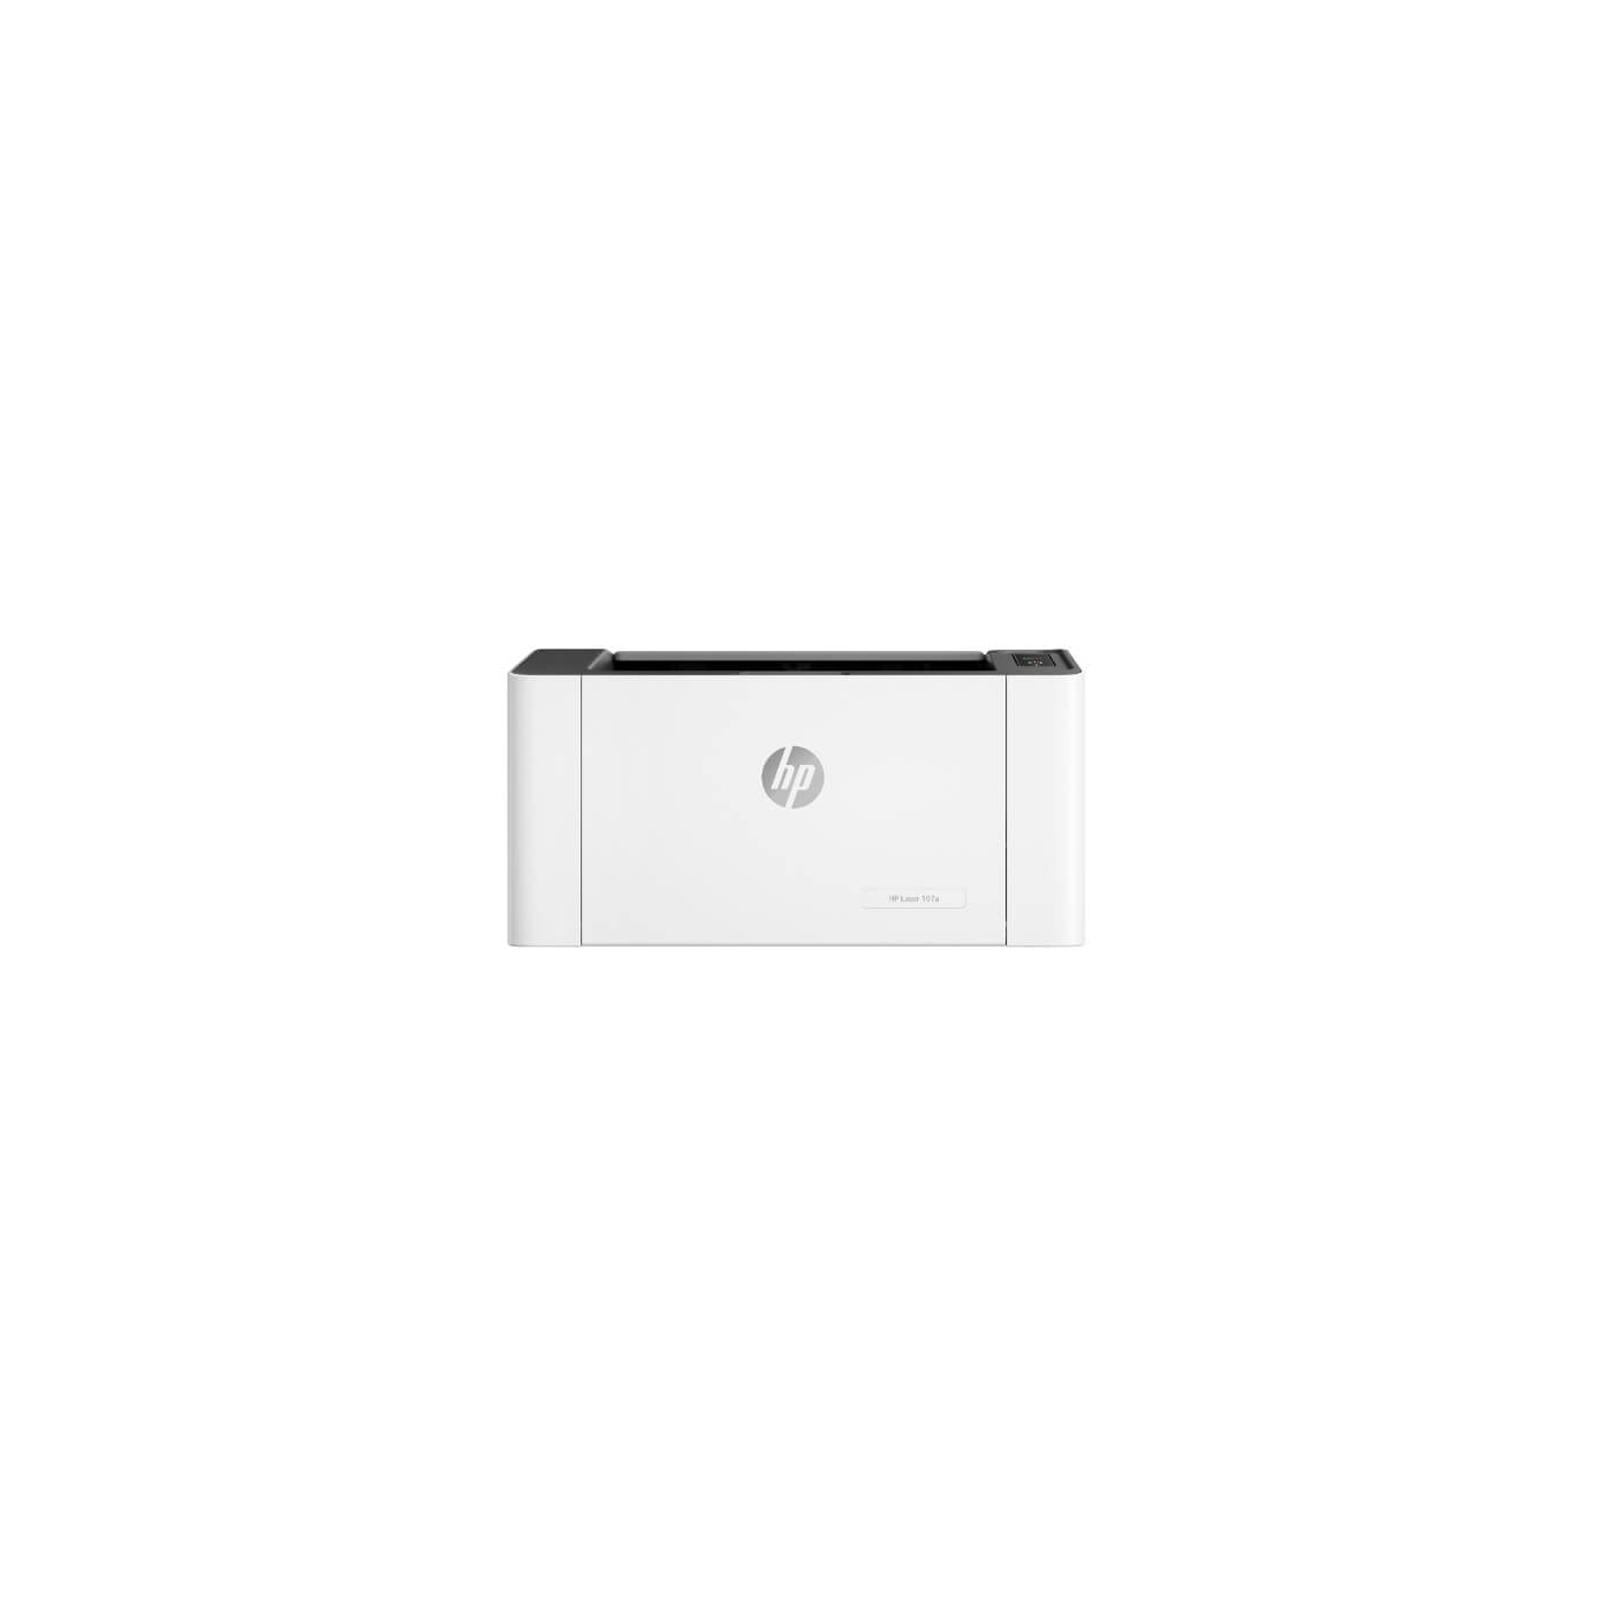 Лазерный принтер HP LaserJet 107a (4ZB77A) изображение 4